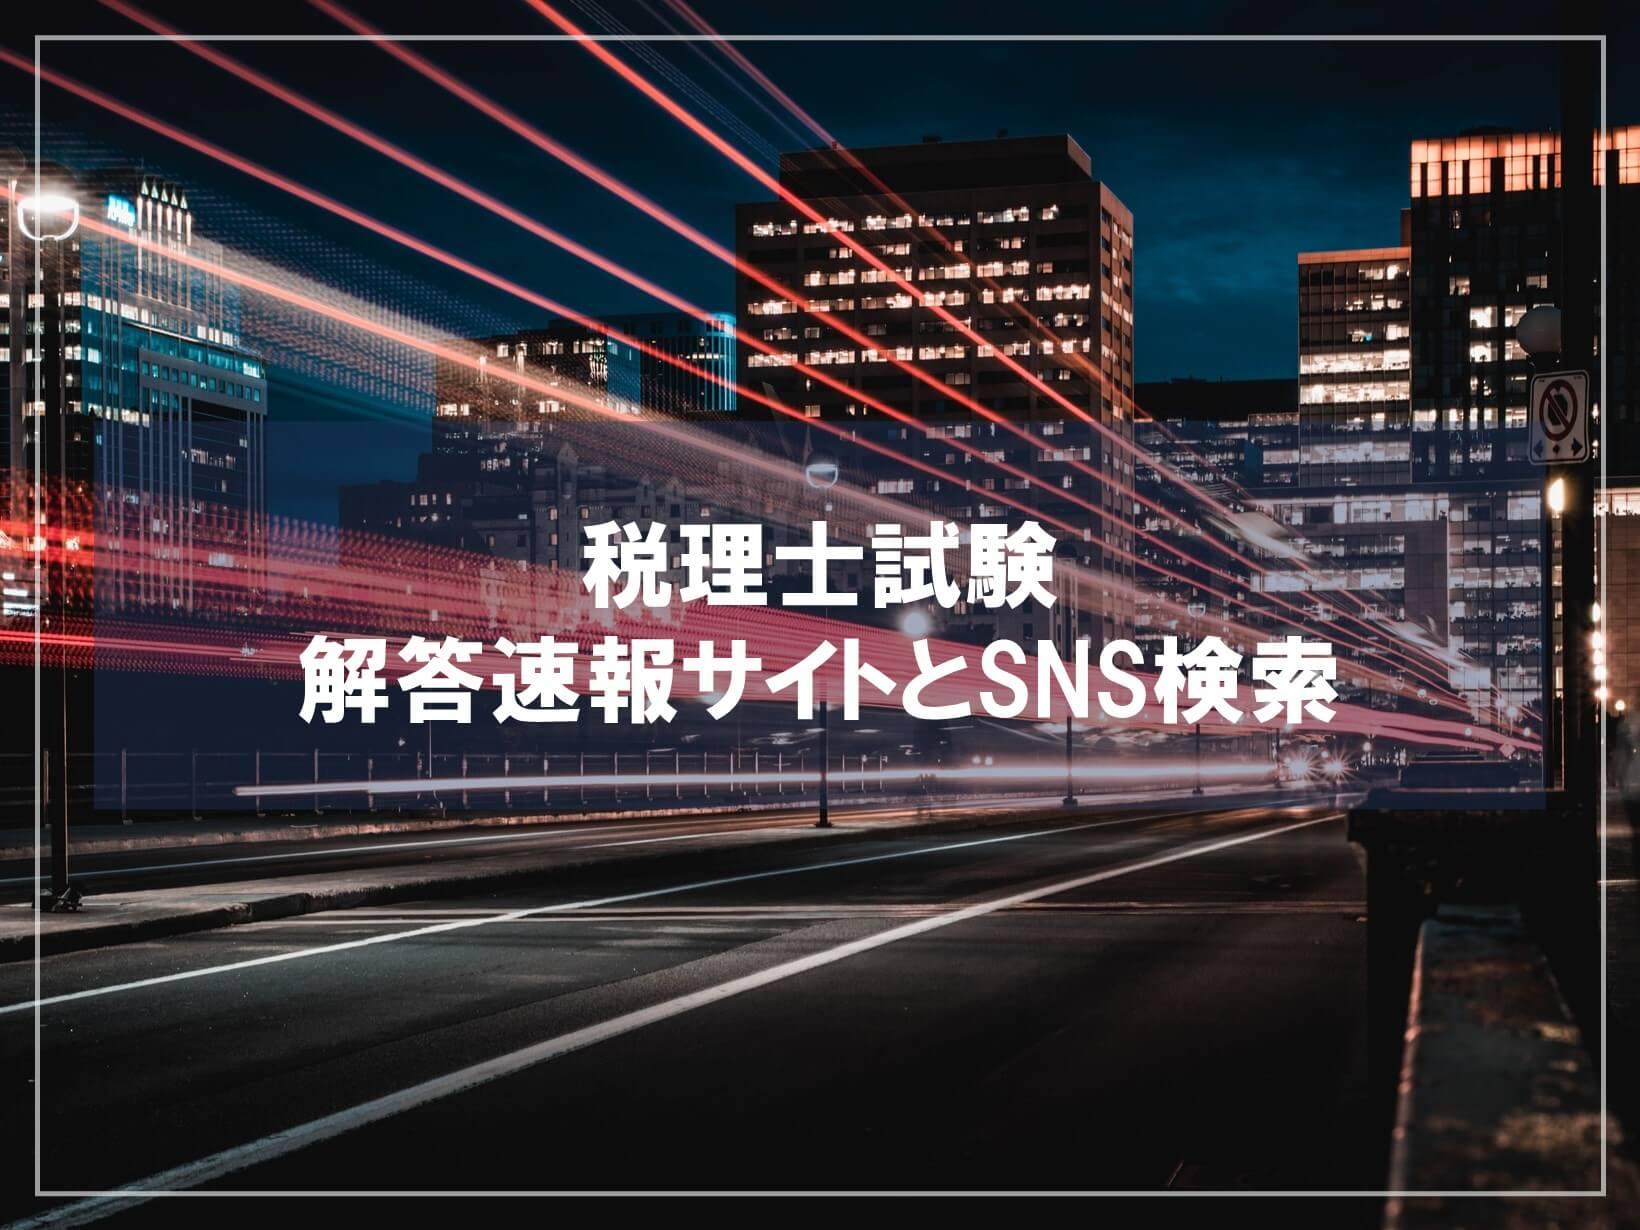 税理士試験 解答速報サイトとSNS検索